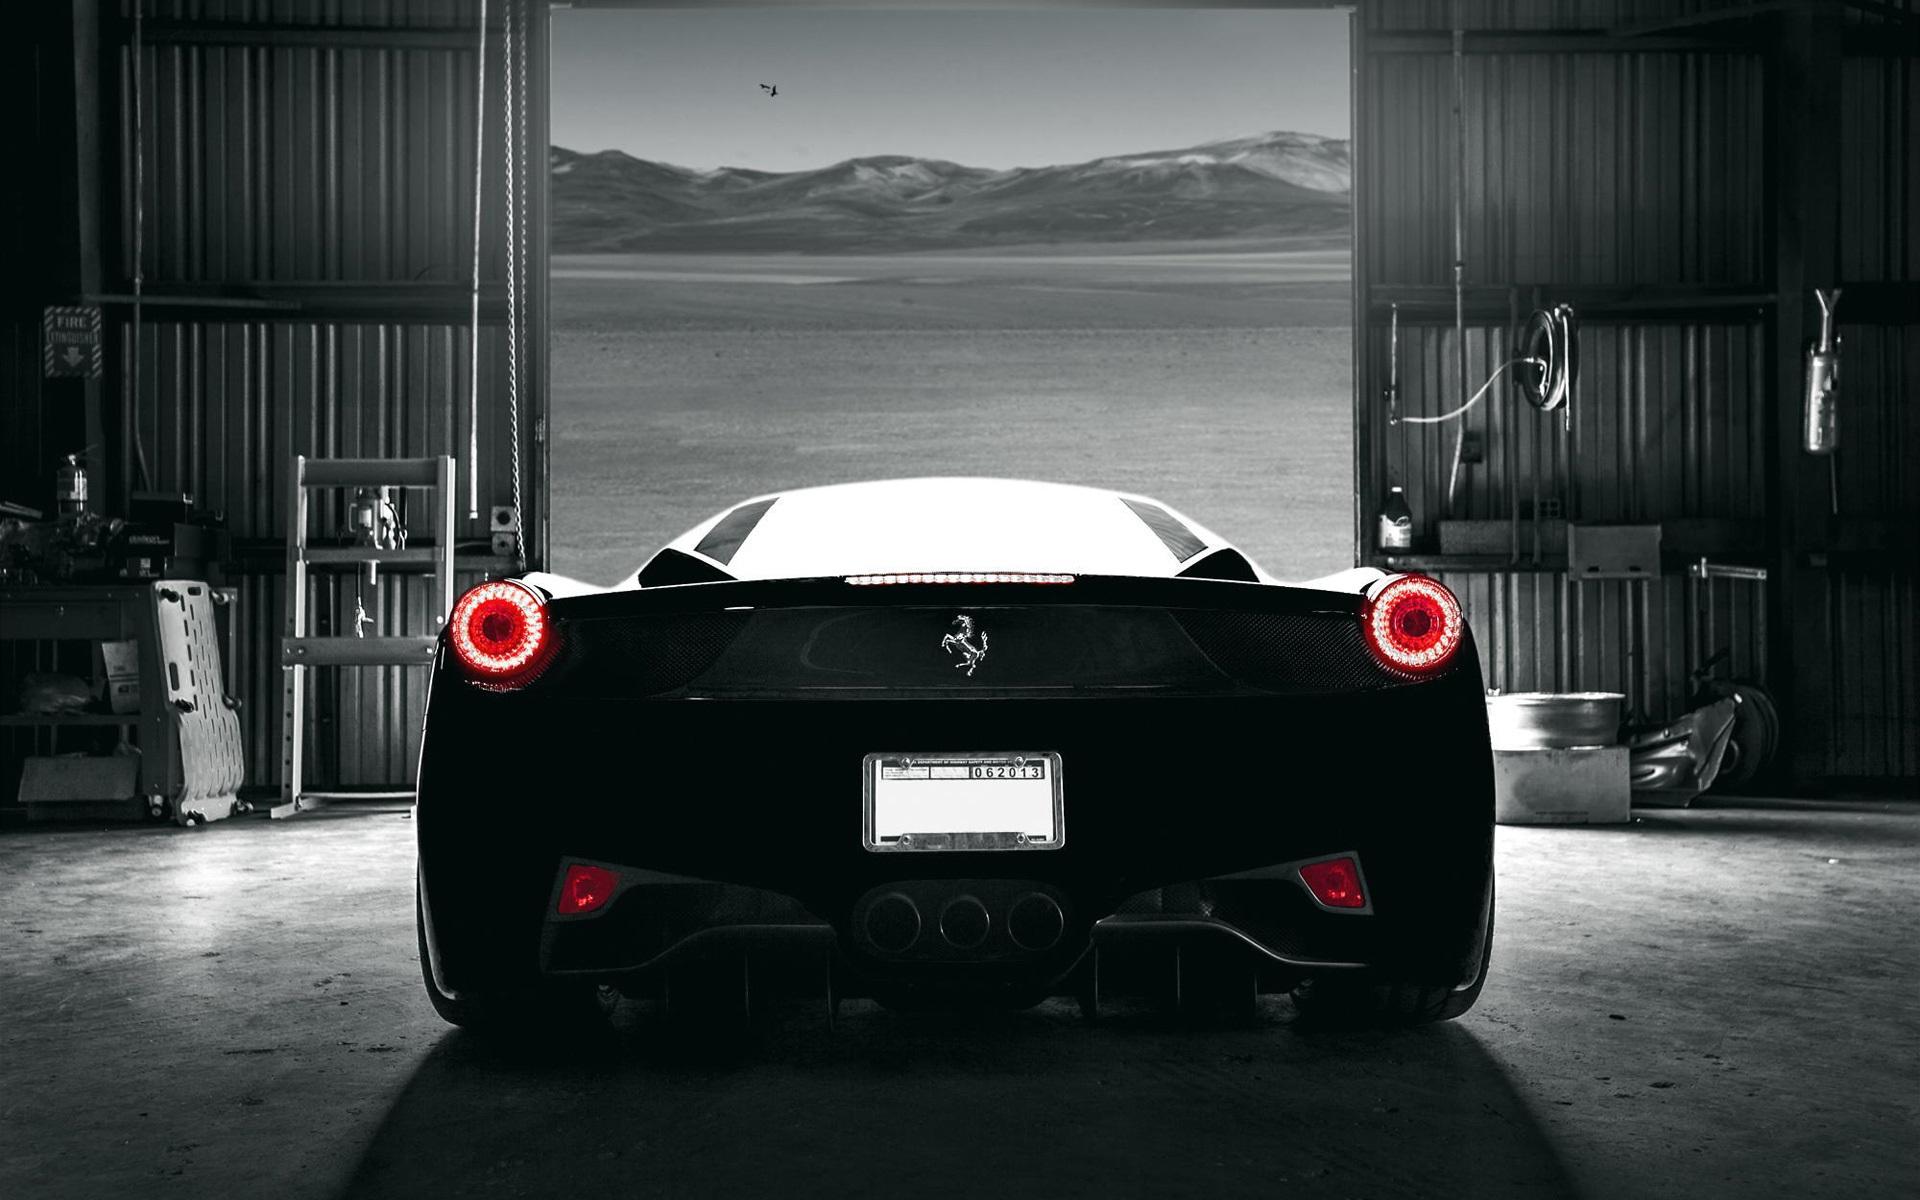 Black Ferrari Wallpapers Sf Wallpaper